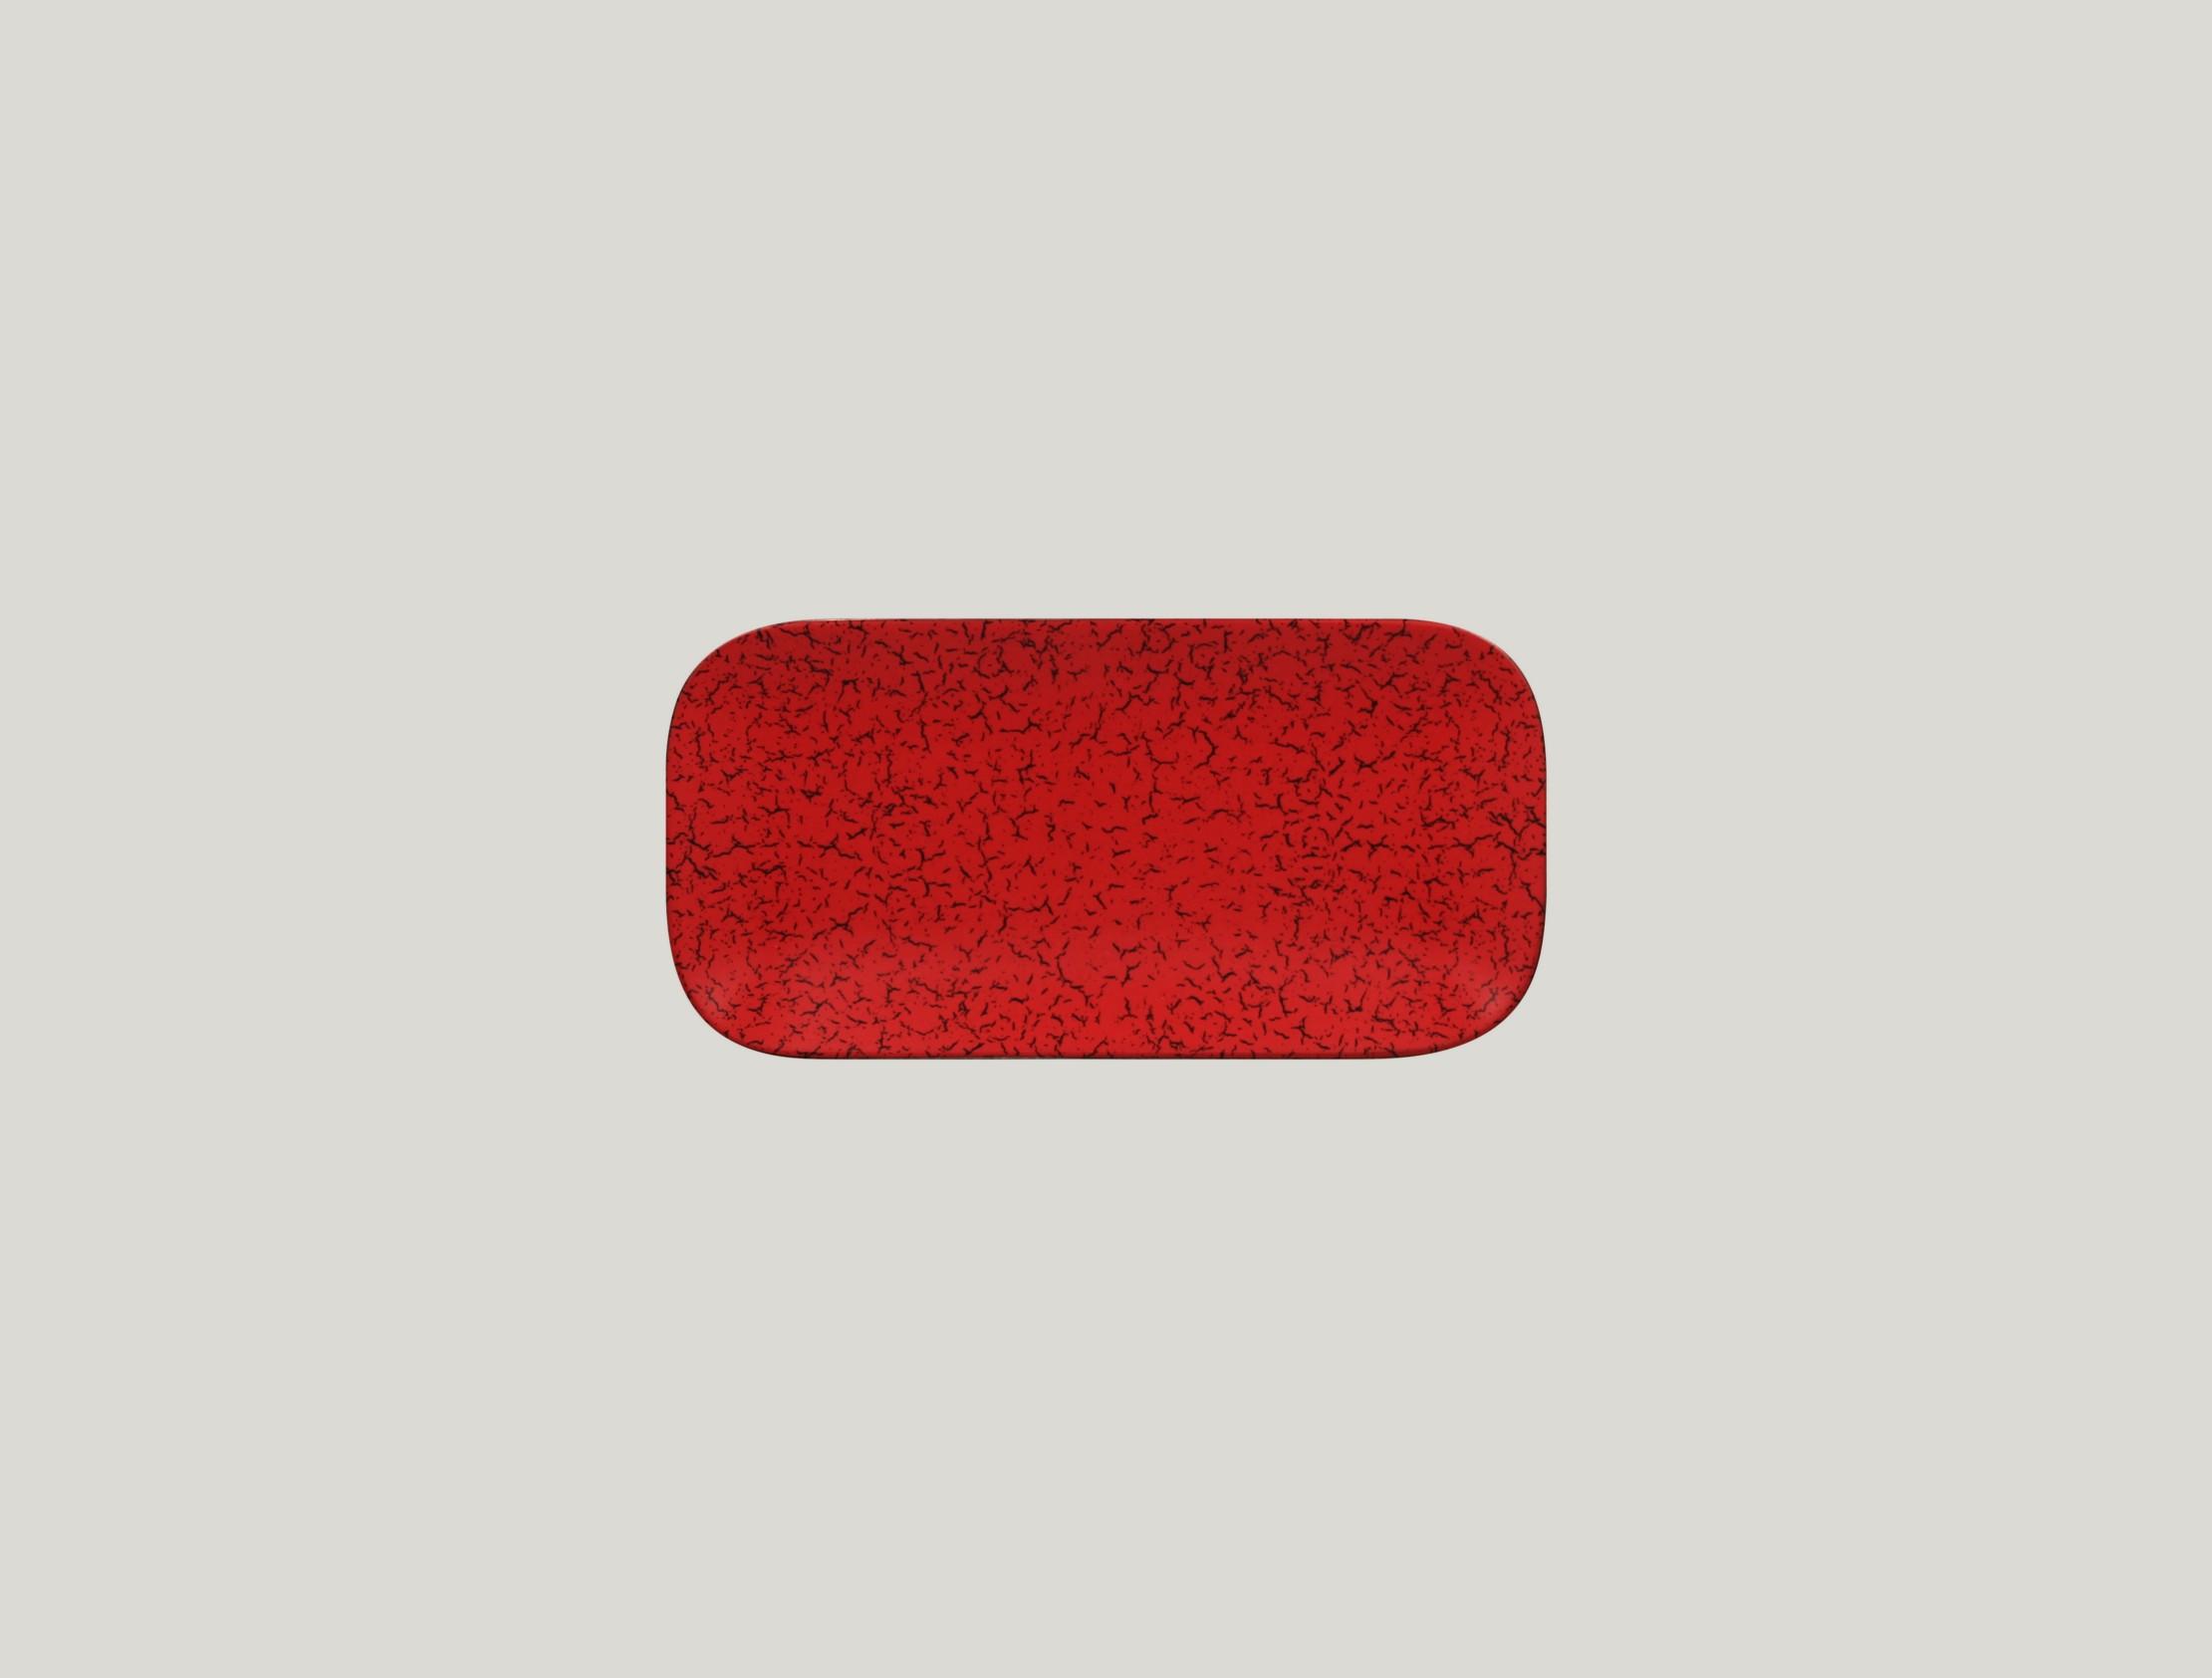 Talíř obdélníkový 22 x 11 cm - červená